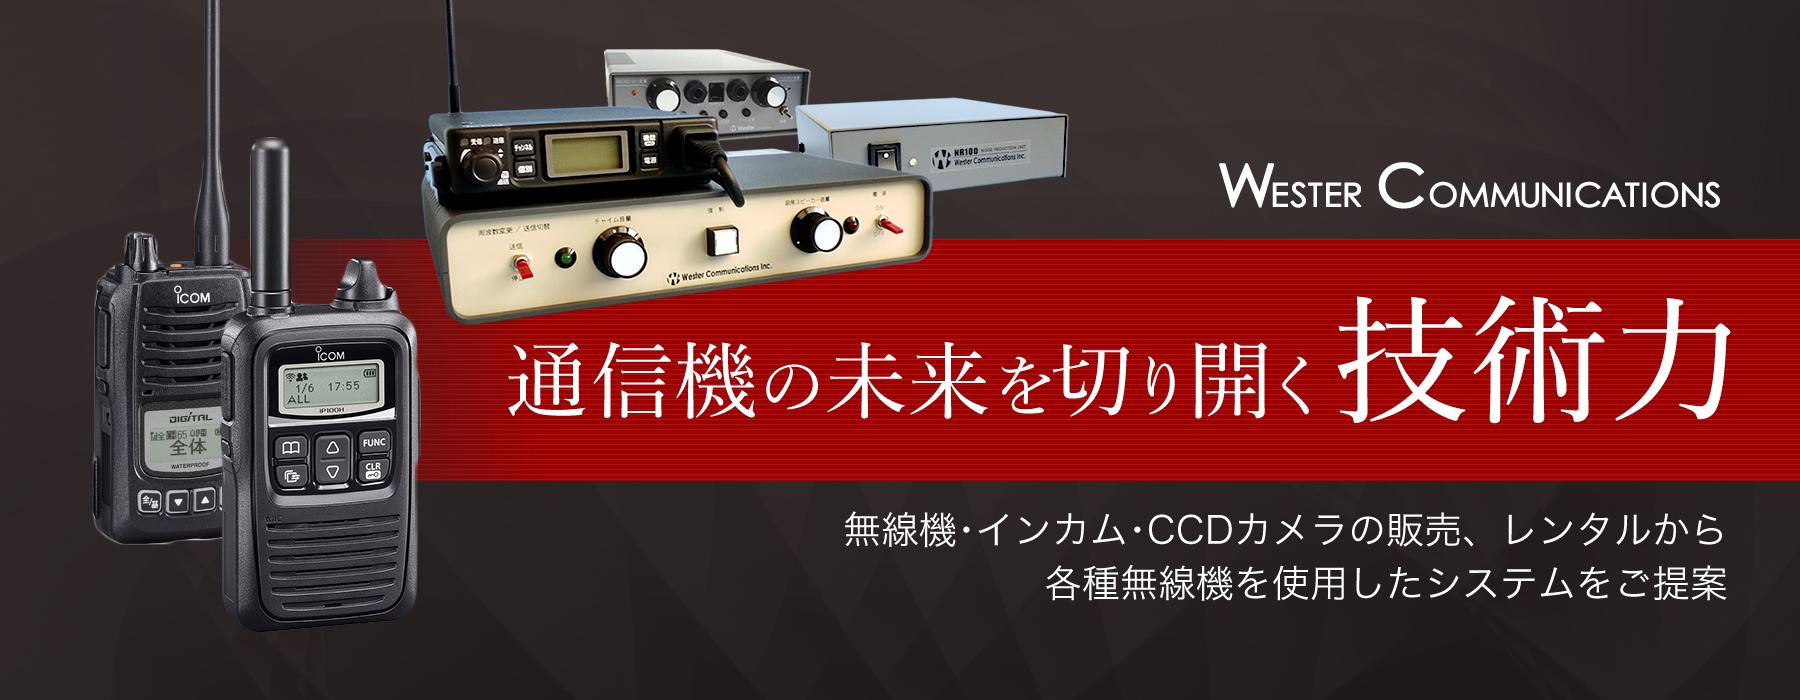 通信機の未来を切り開く技術力 無線機・インカム・CCDカメラの販売、レンタルから各種無線機を使用したシステムをご提案